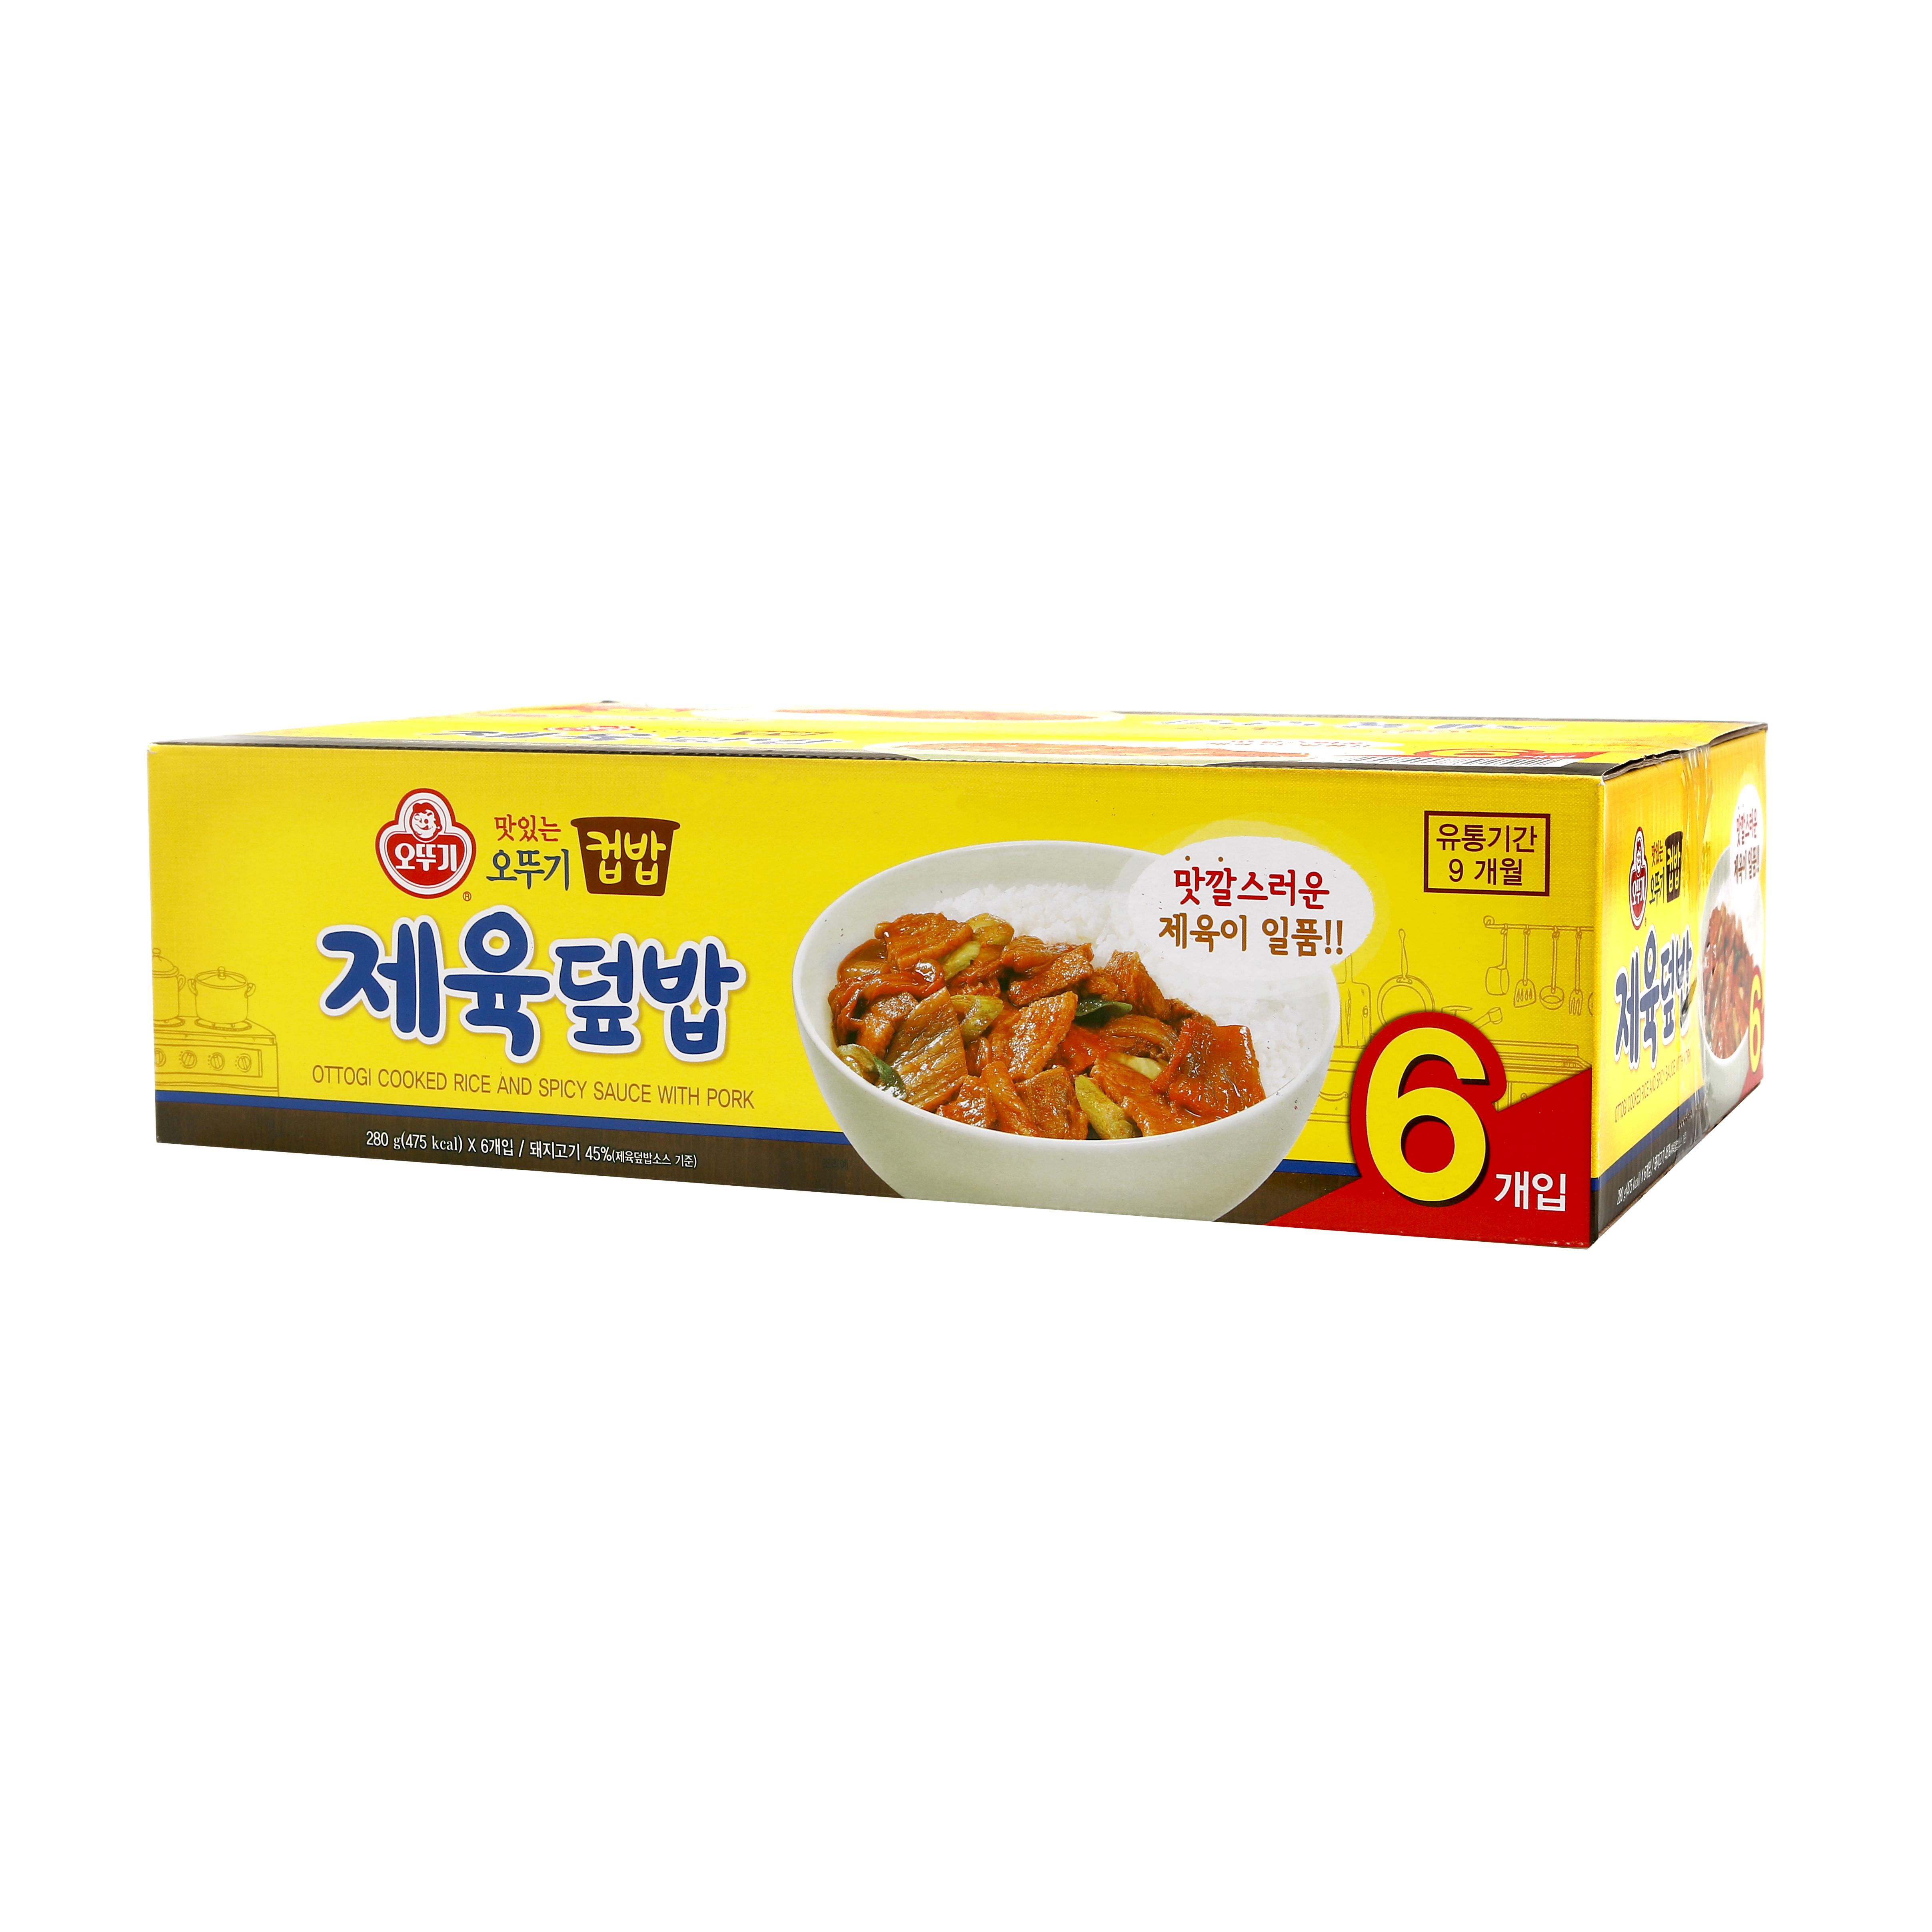 오뚜기 맛있는 컵밥 제육덮밥, 280g, 6개